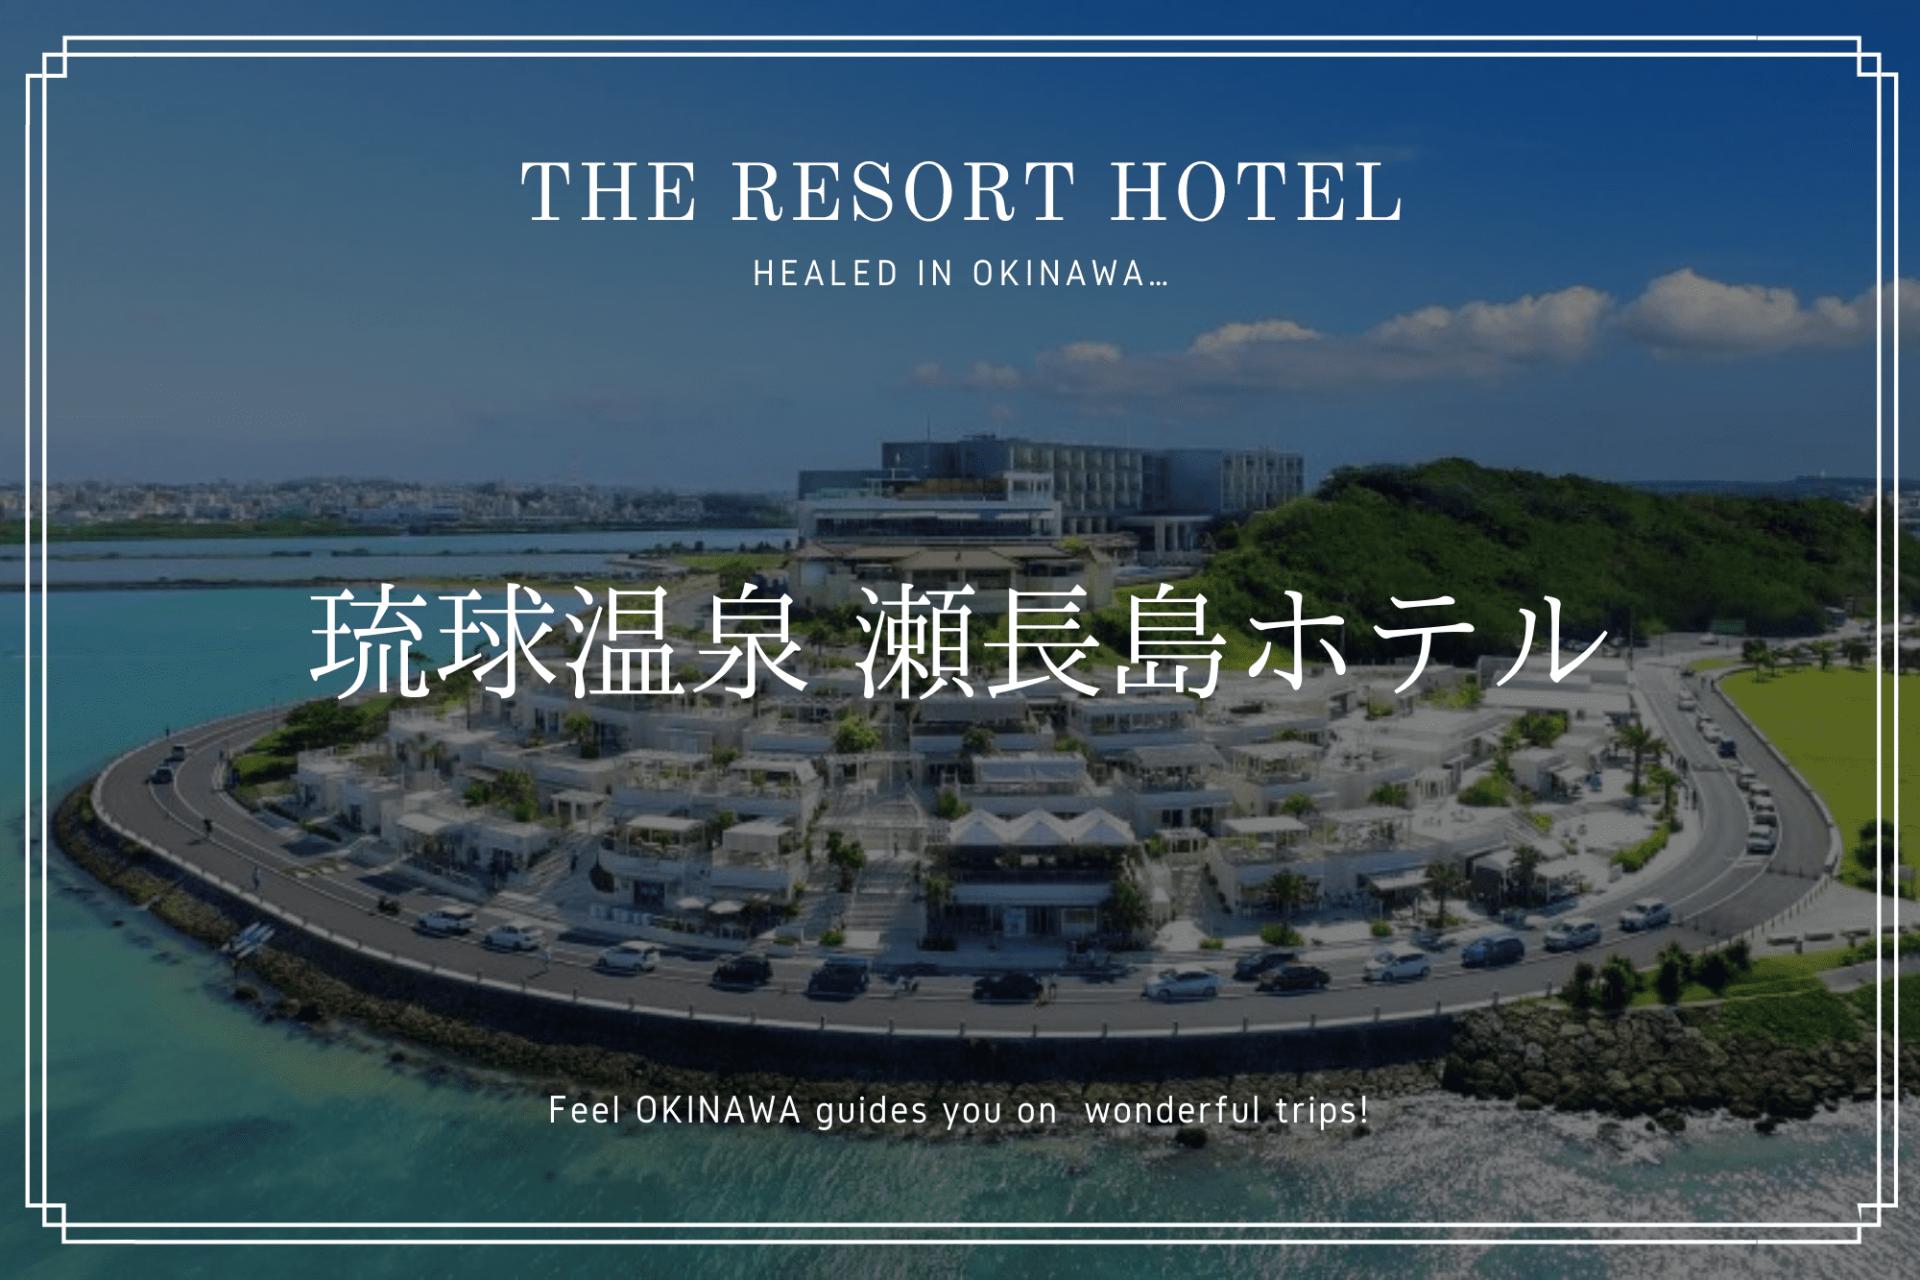 沖縄 瀬 長島 ホテル 琉球温泉 旅行 観光 豊見城市 おすすめ 宿泊